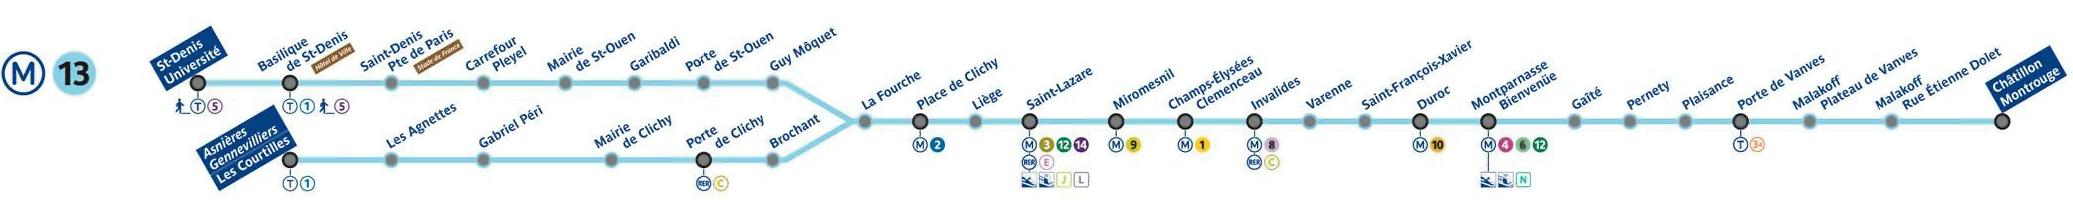 paris metro line 13